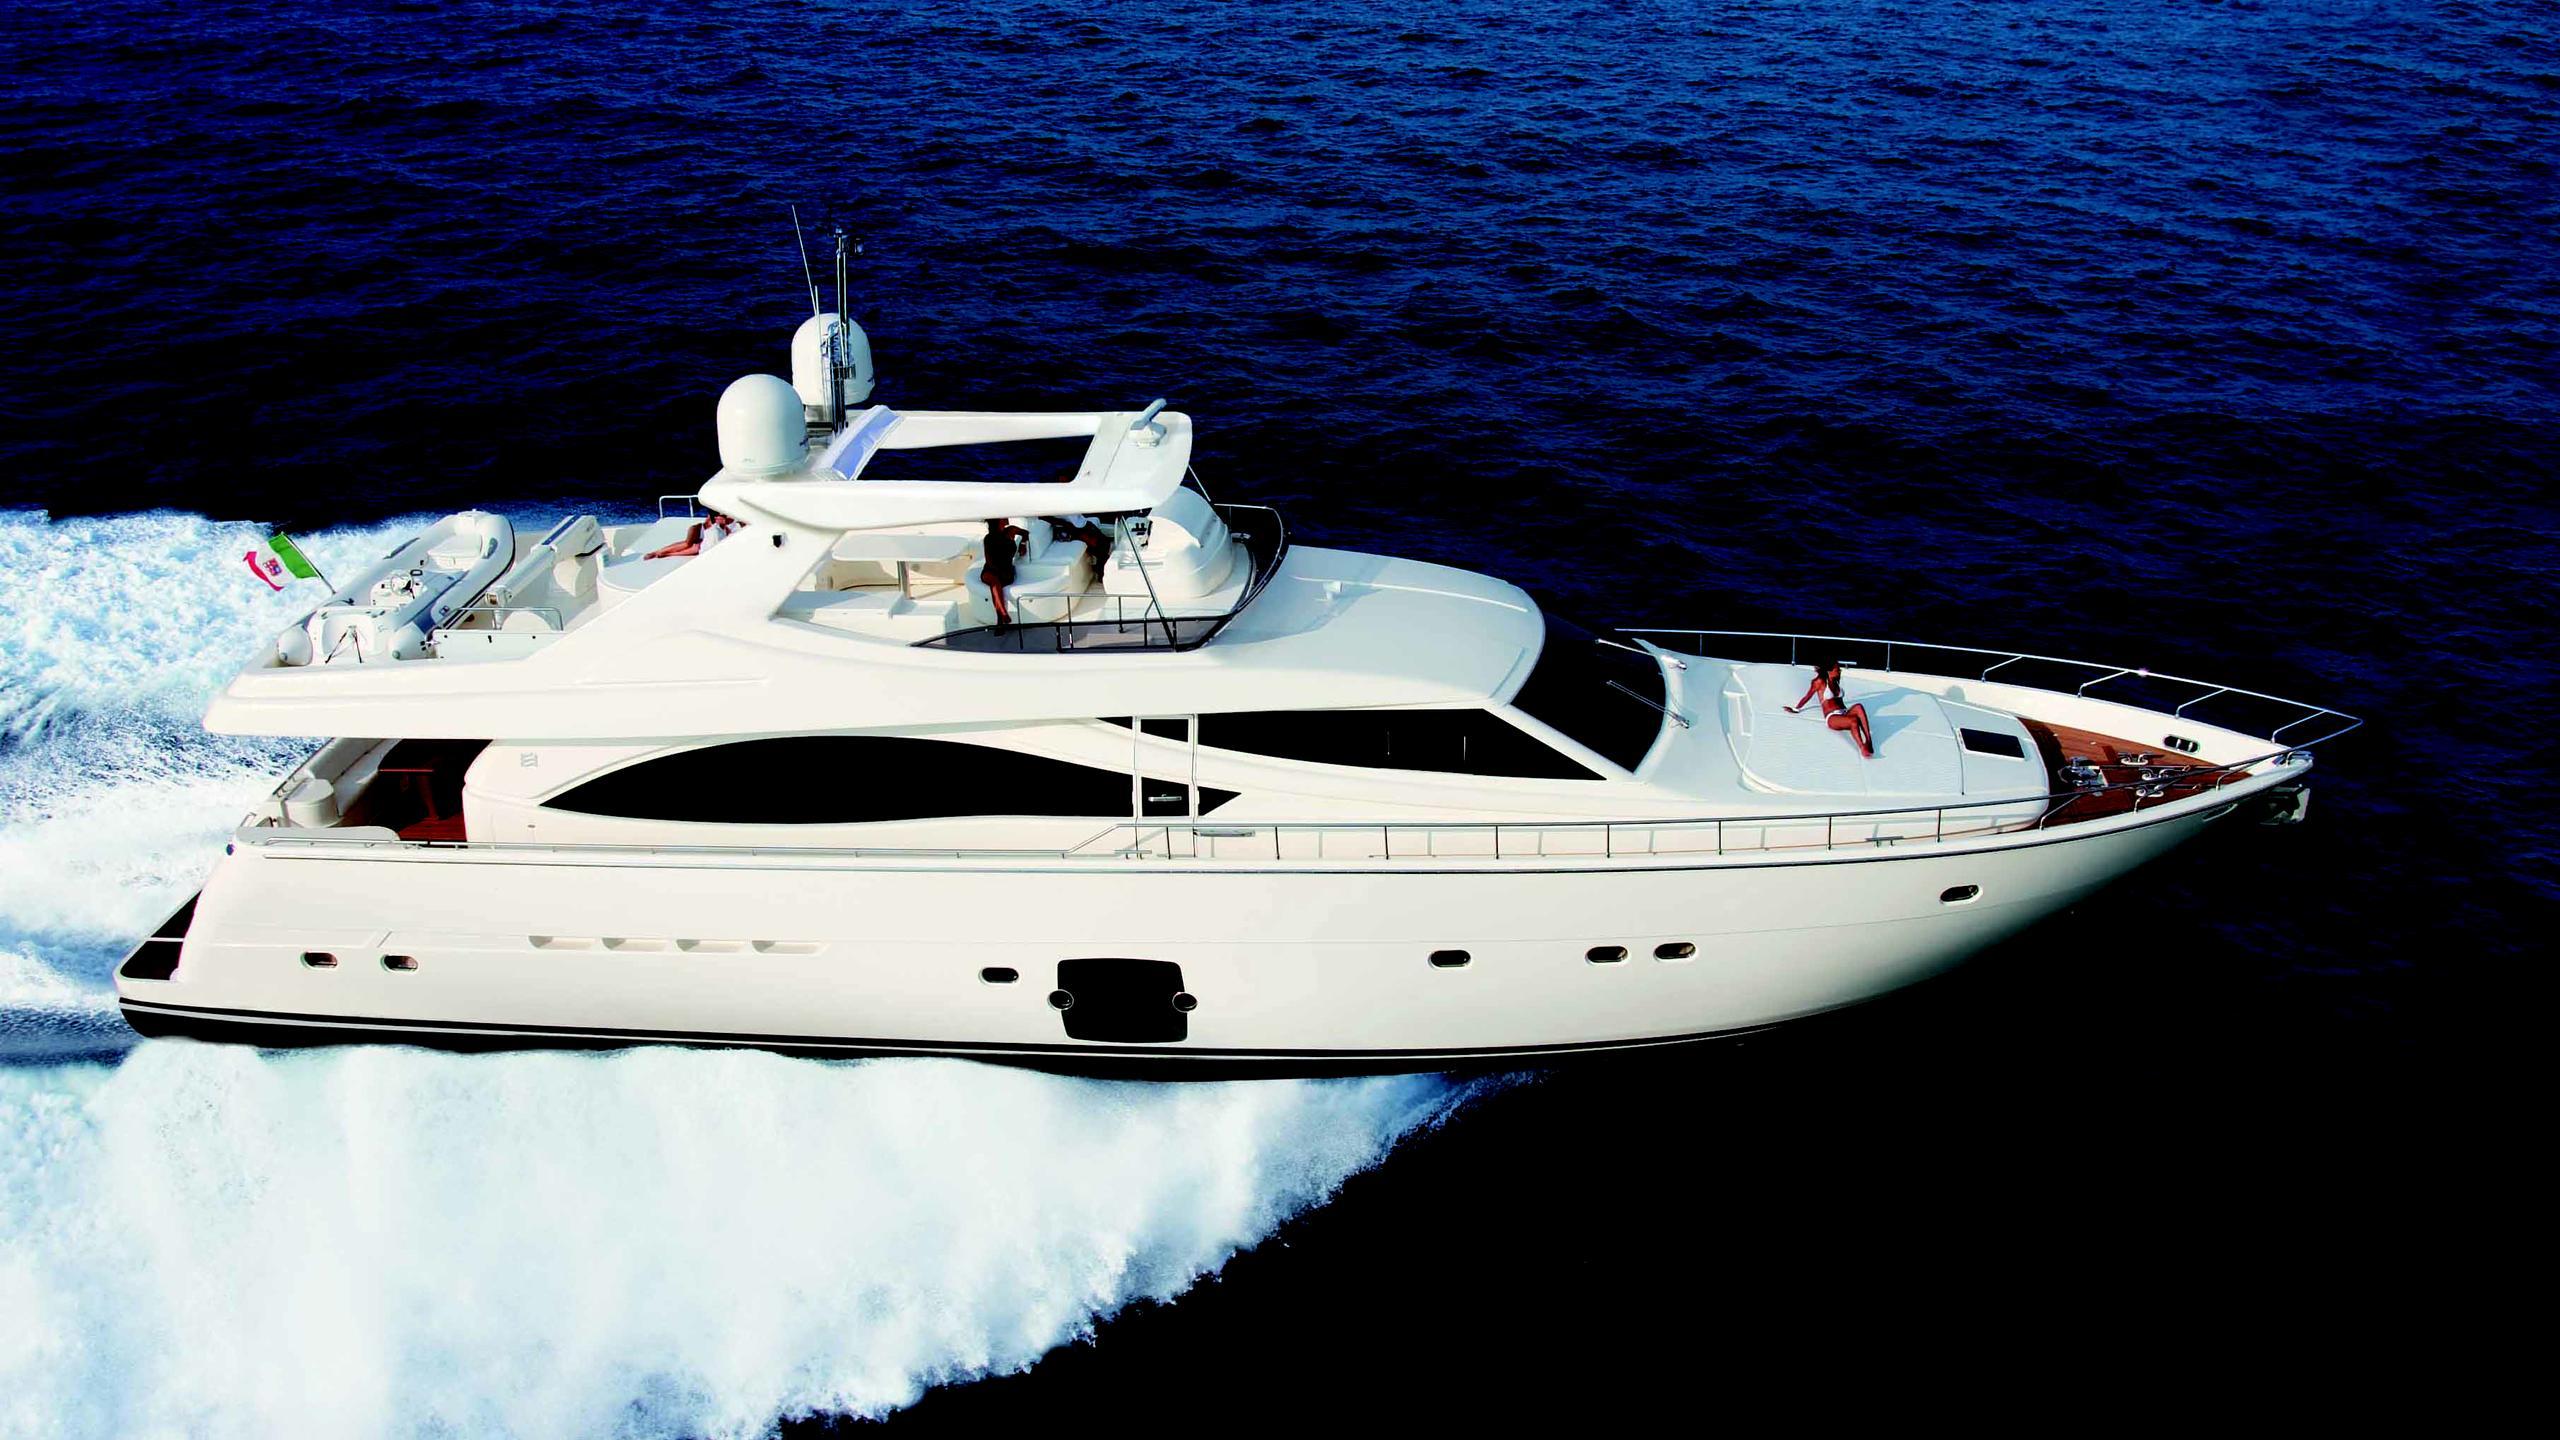 sea-view-motor-yacht-ferretti-830-2005-25m-cruising